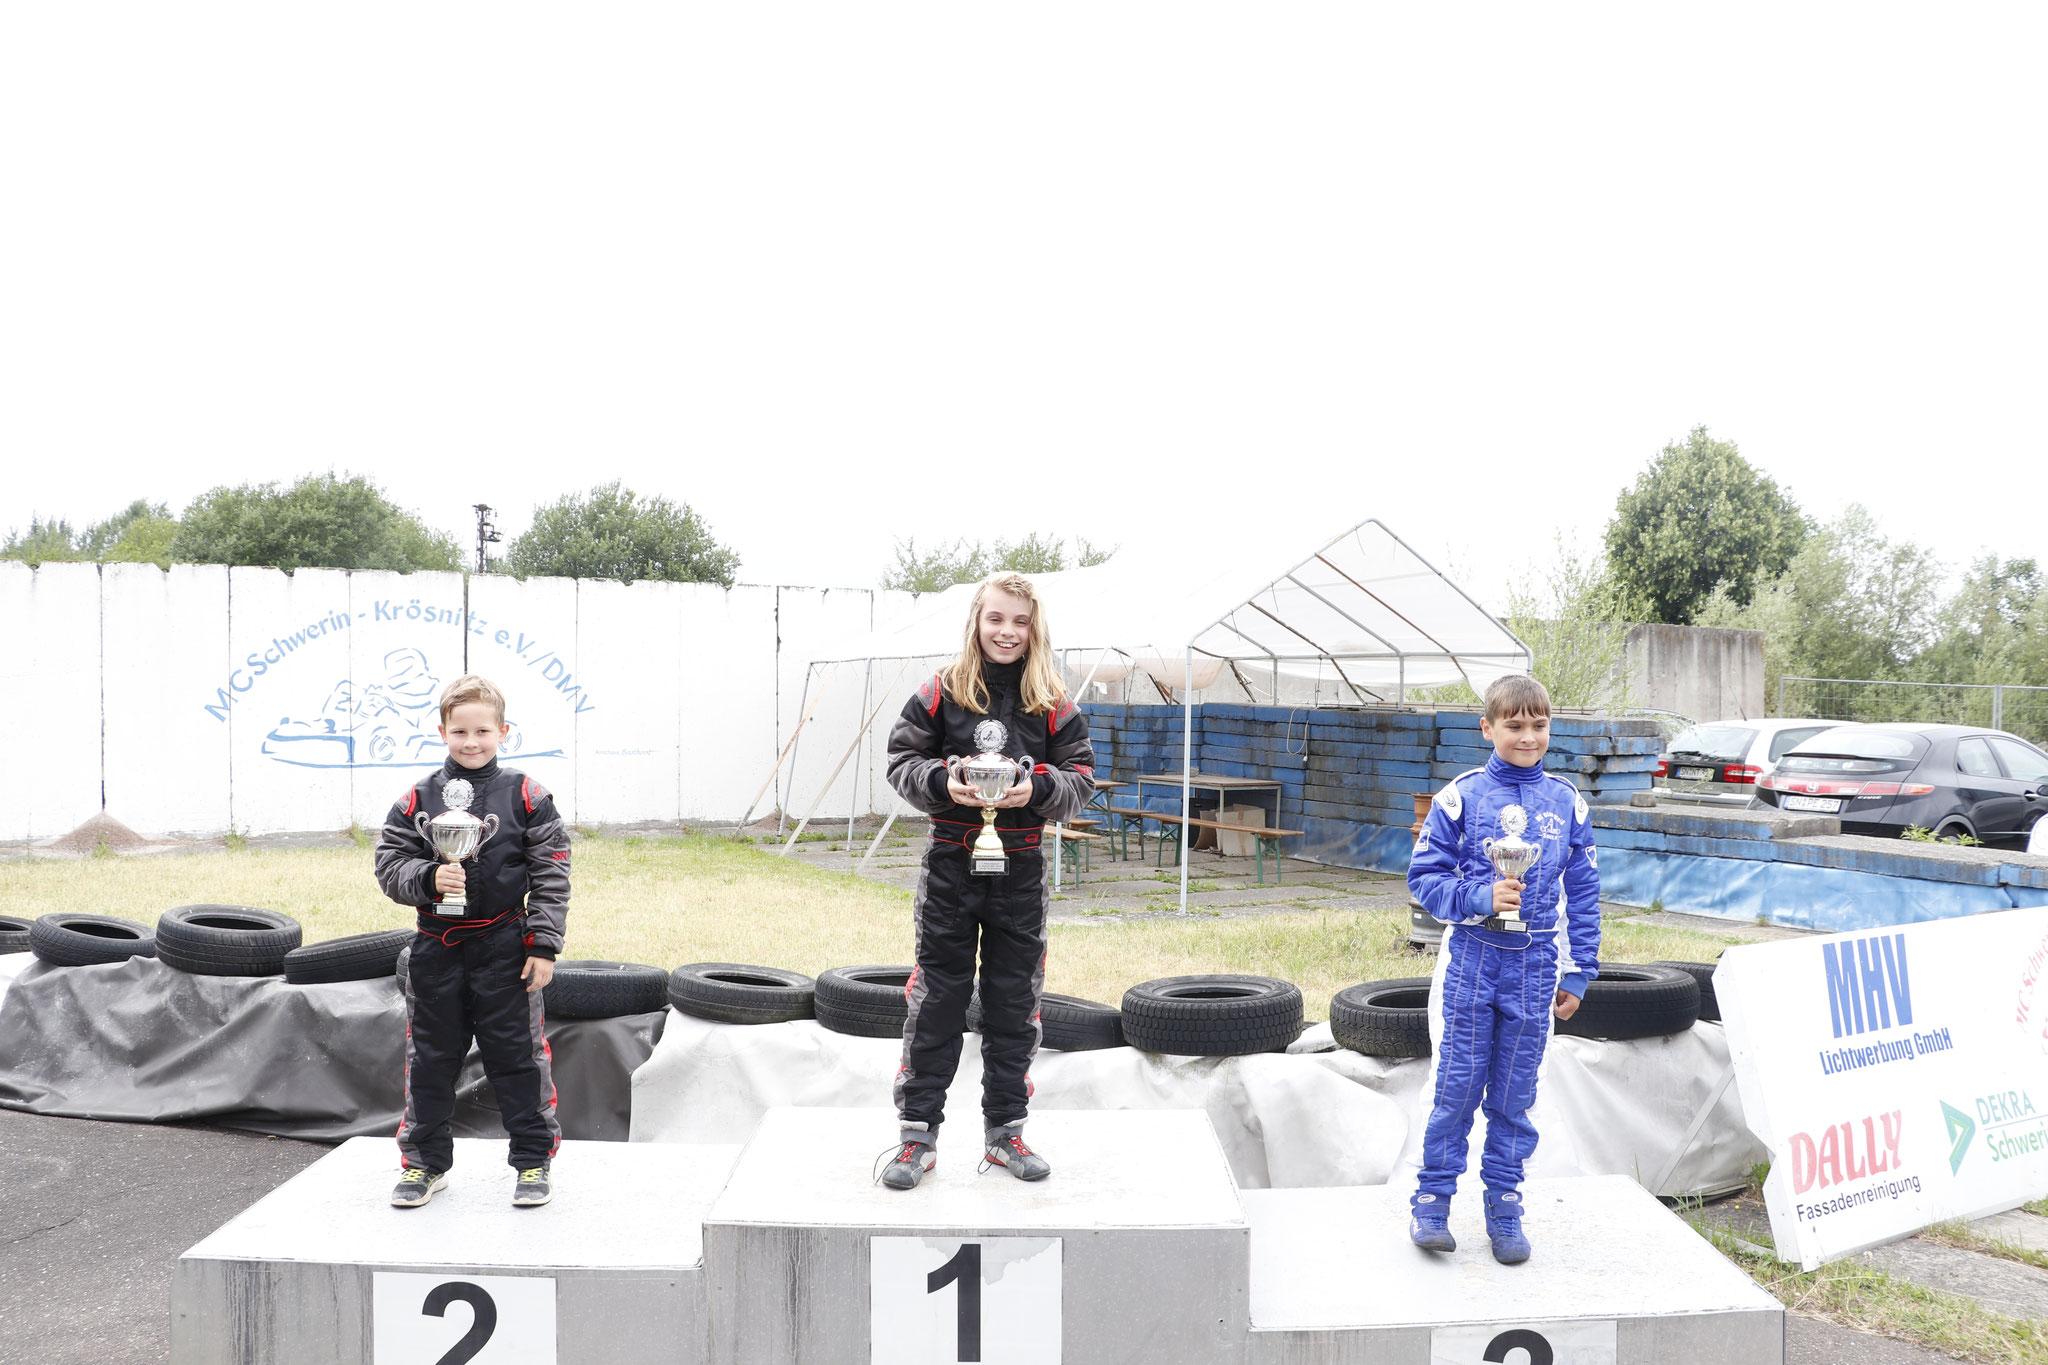 In der Klasse sehen wir Nico Hesse mit einem guten zweiten Platz und die Tagessiegerin Lena Altmann